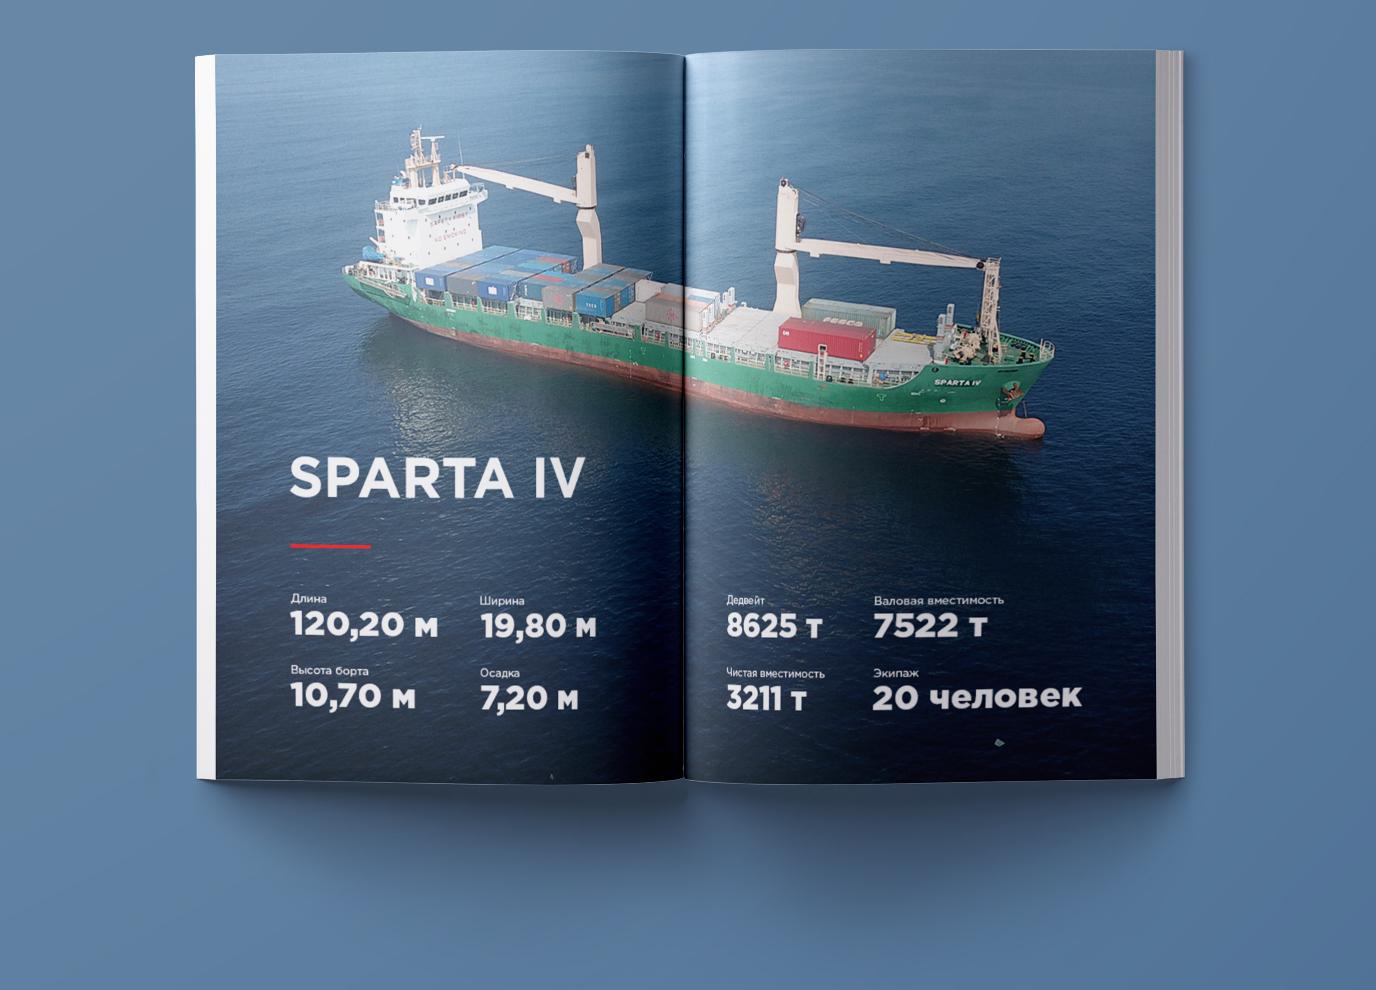 Инфографика для журнала о новом корабле компании фото f_4105b69e25d92d61.jpg